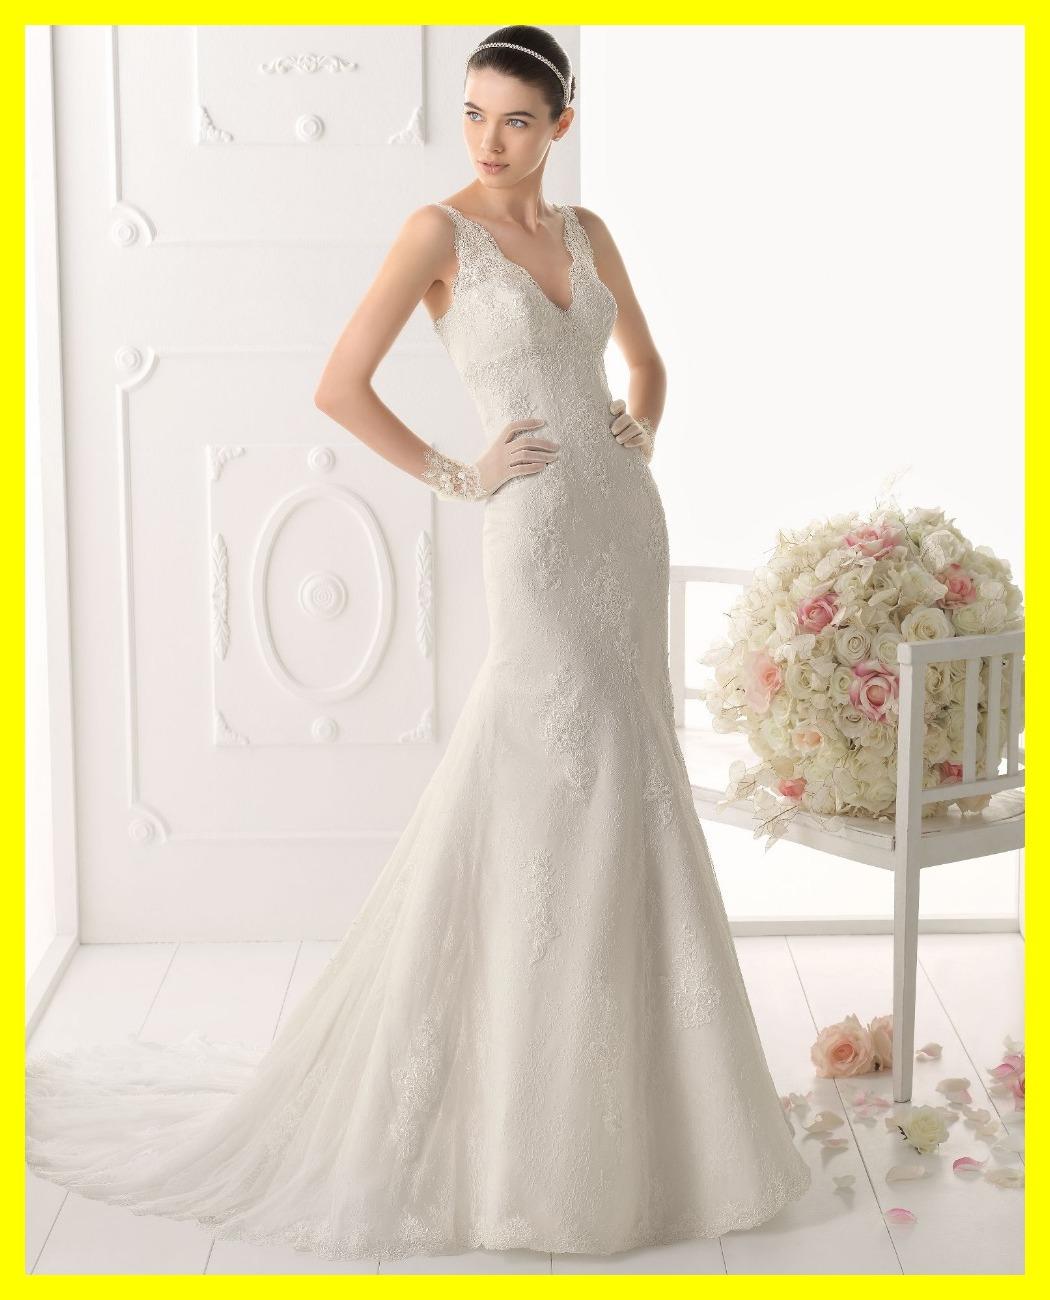 Tamaño más barato vestido de traje de novia